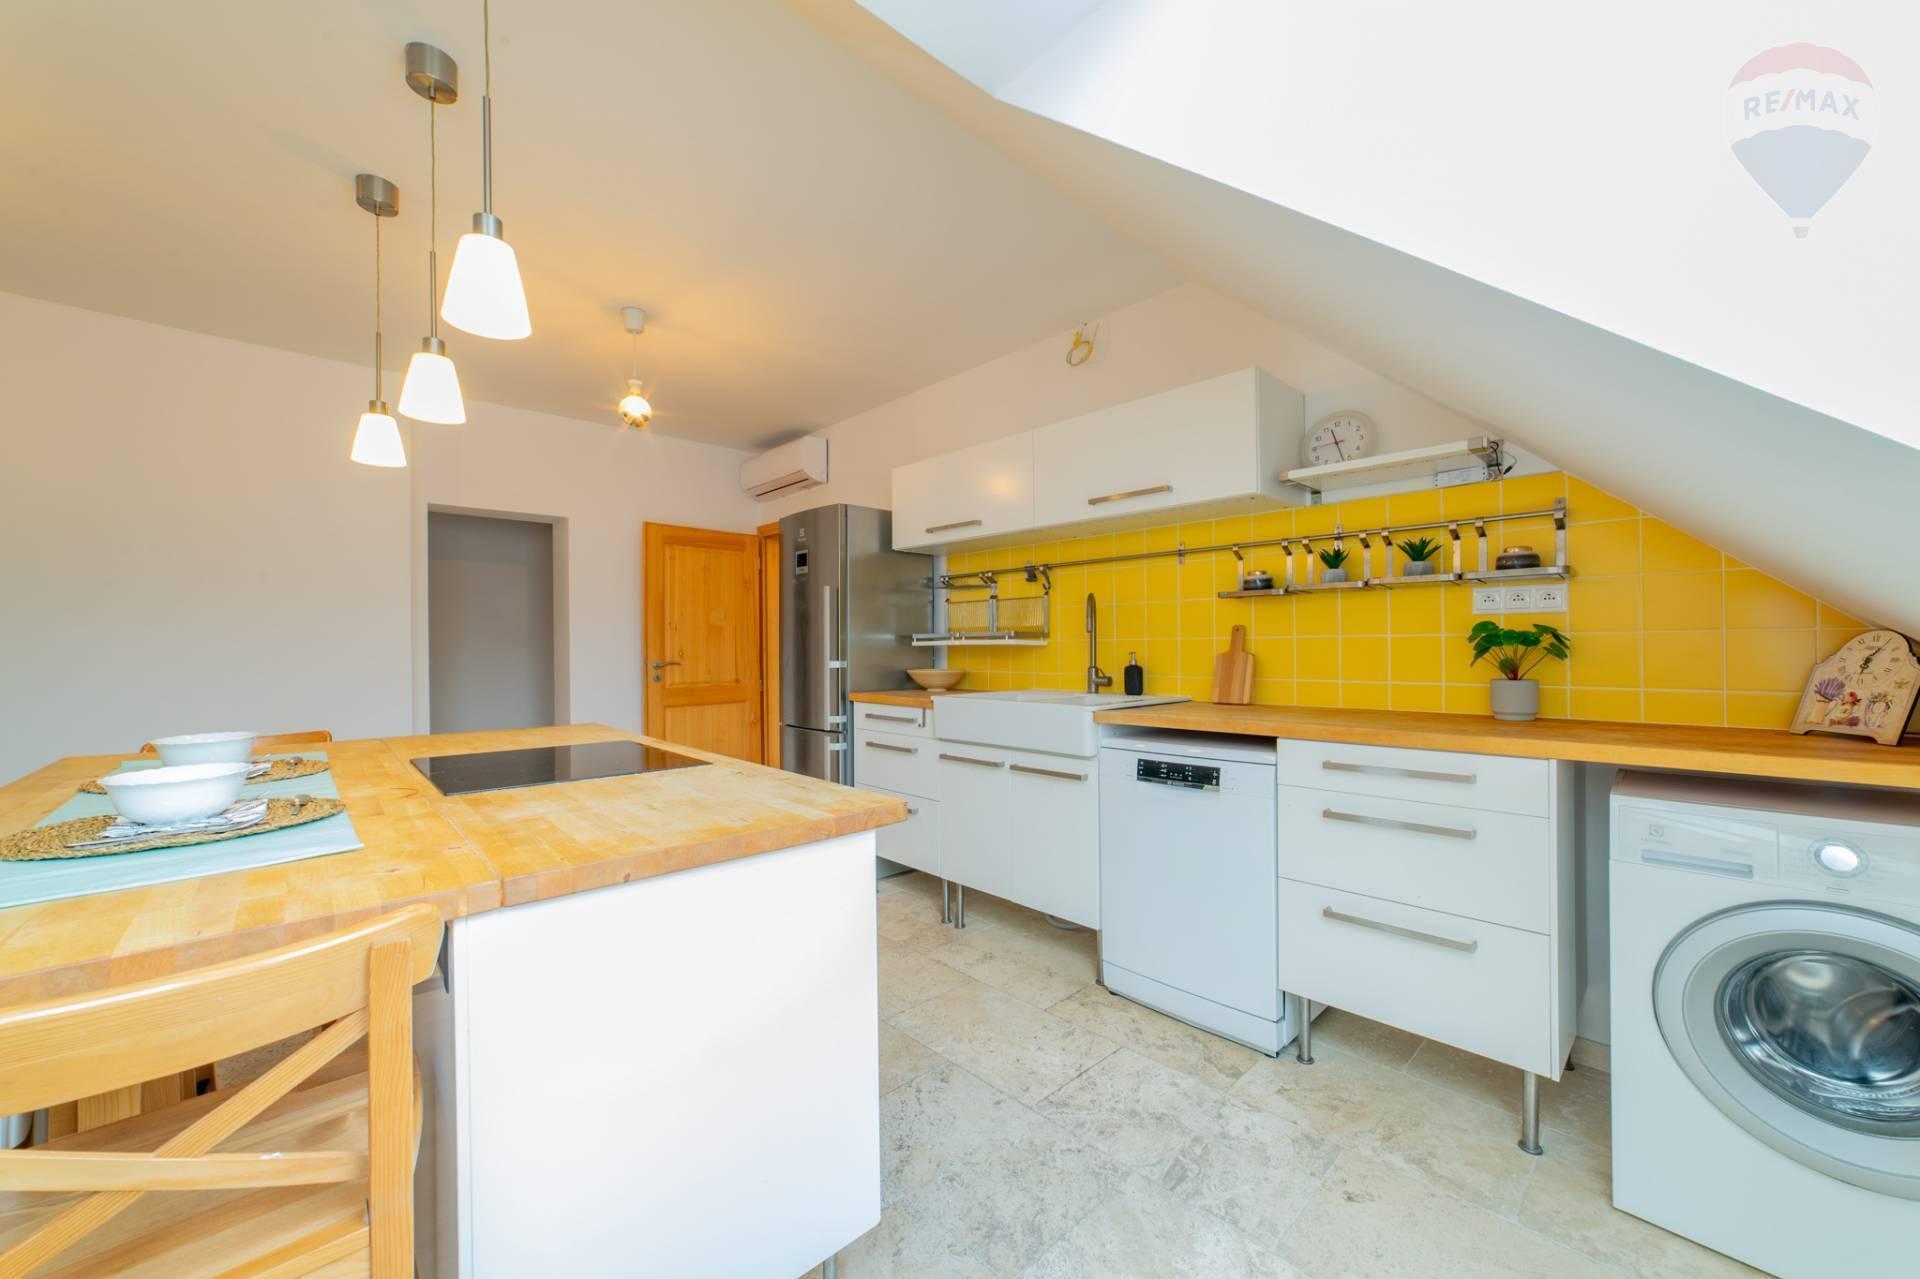 Predaj bytu (5 izbový a väčší) 195 m2, Bratislava - Staré Mesto -